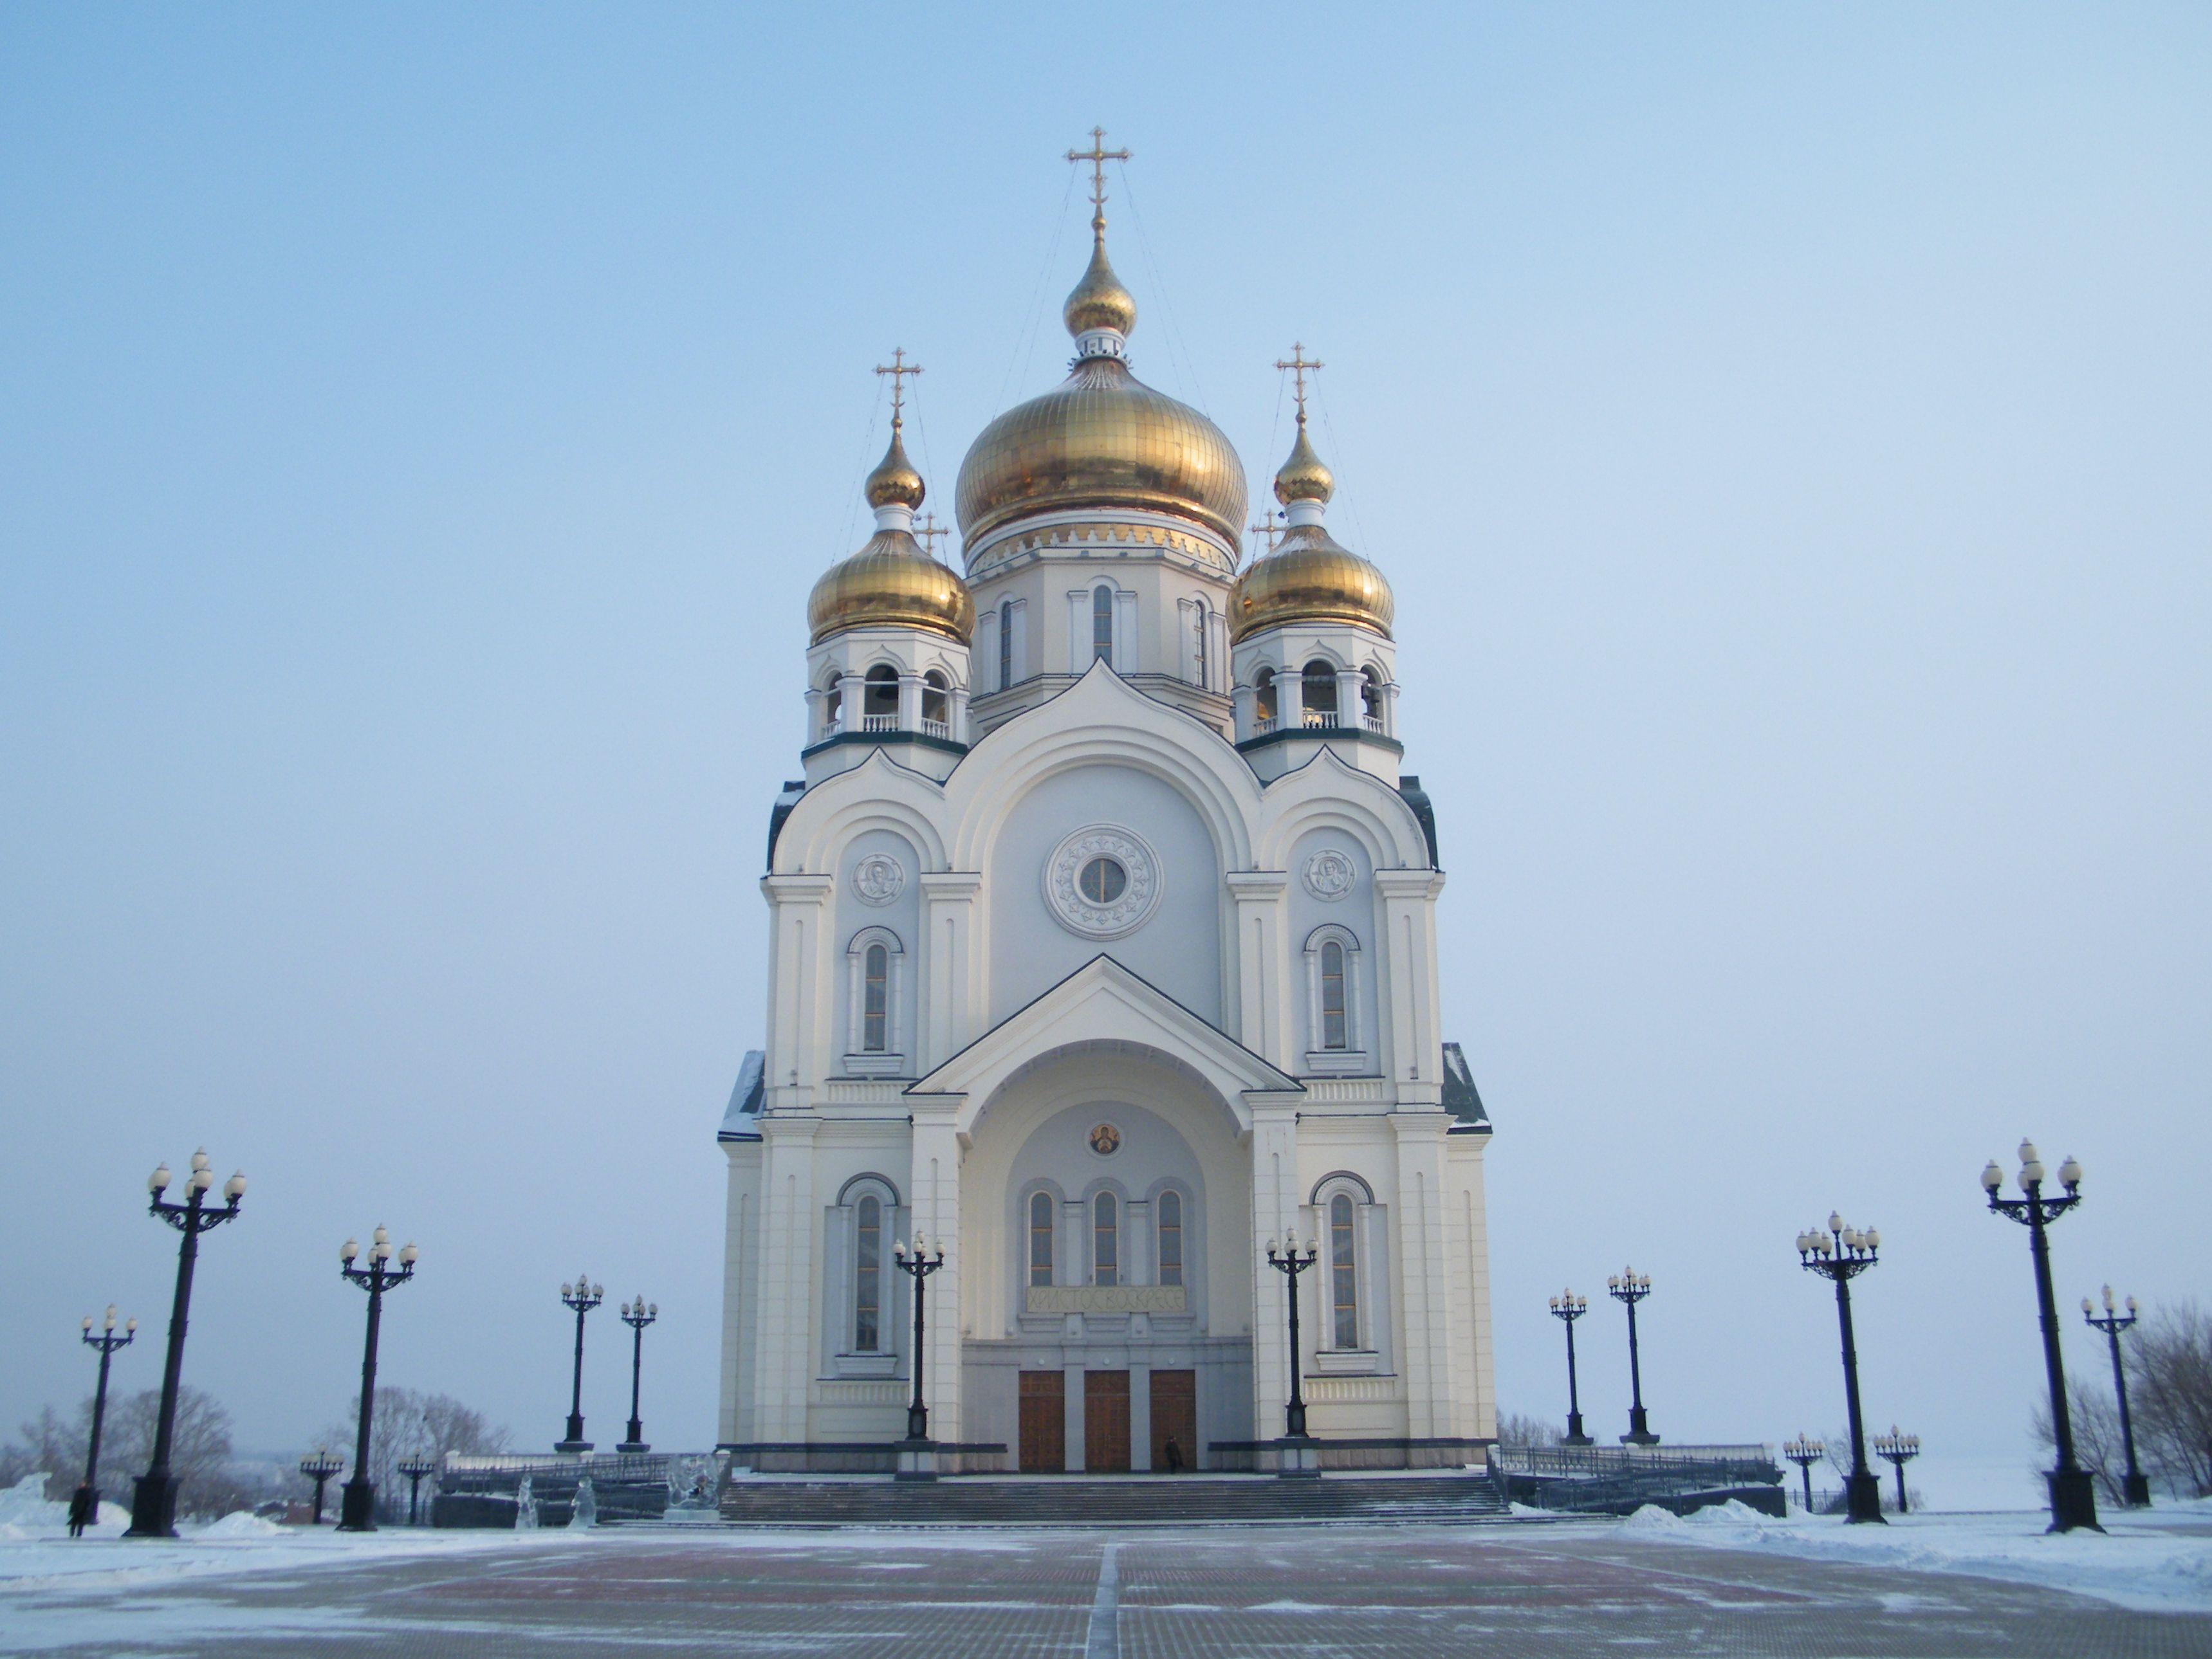 スパソ・プレオブラジェンスキー大聖堂